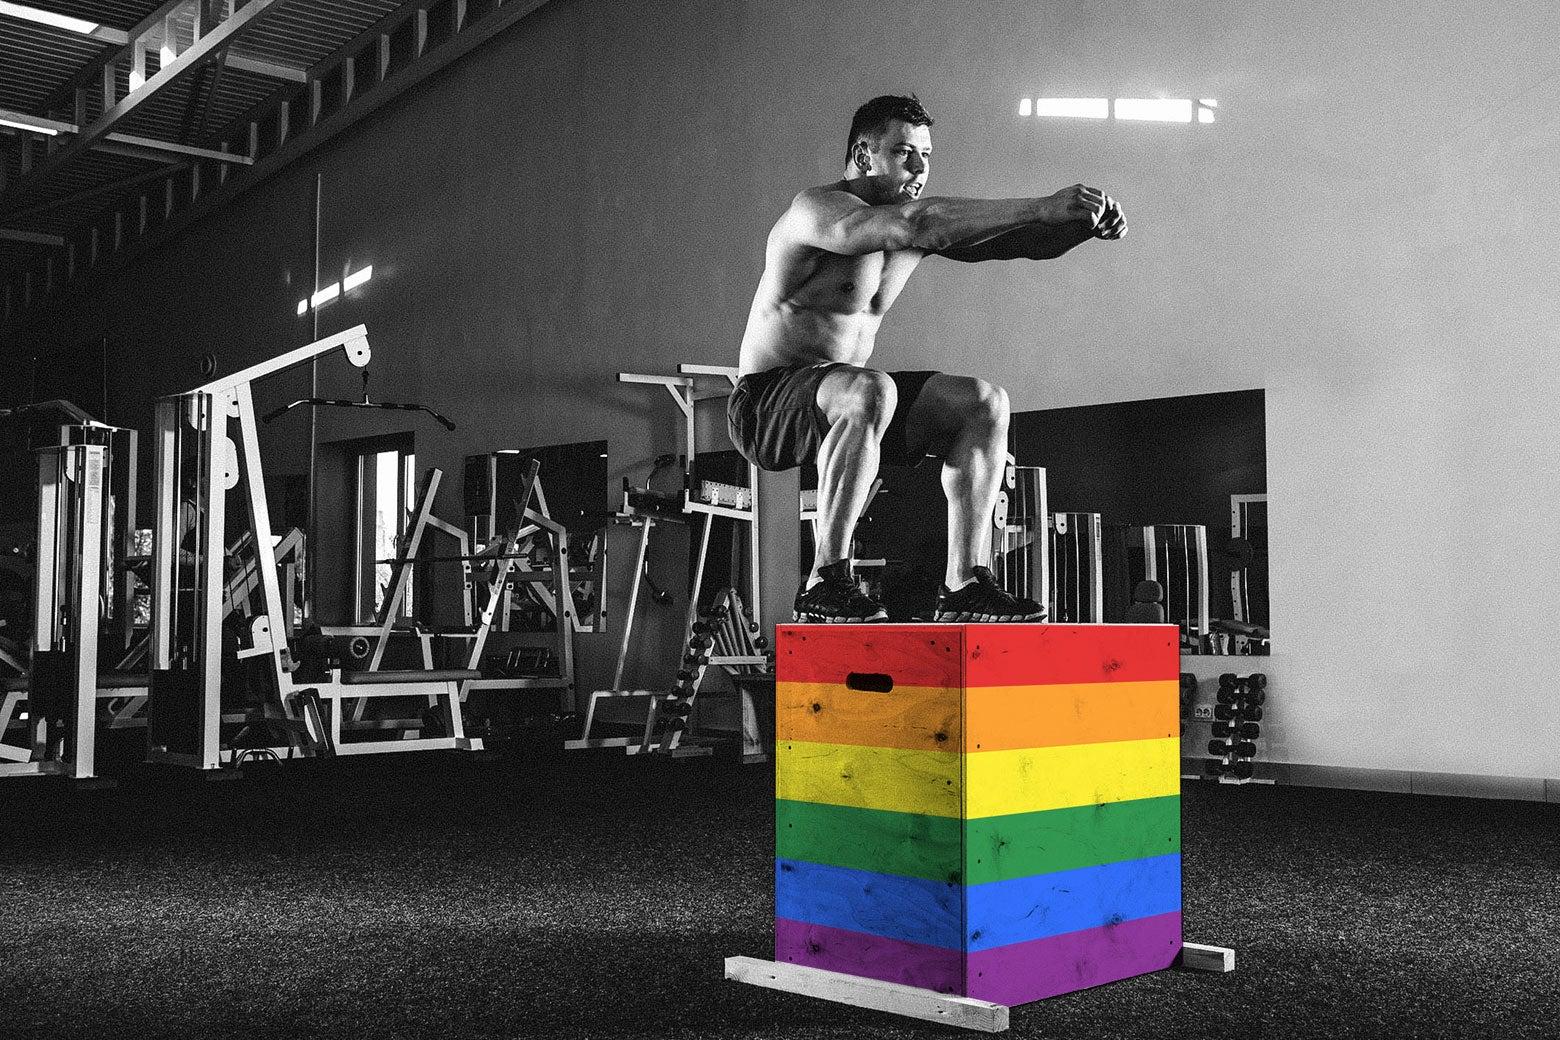 Crossfit gay hookup